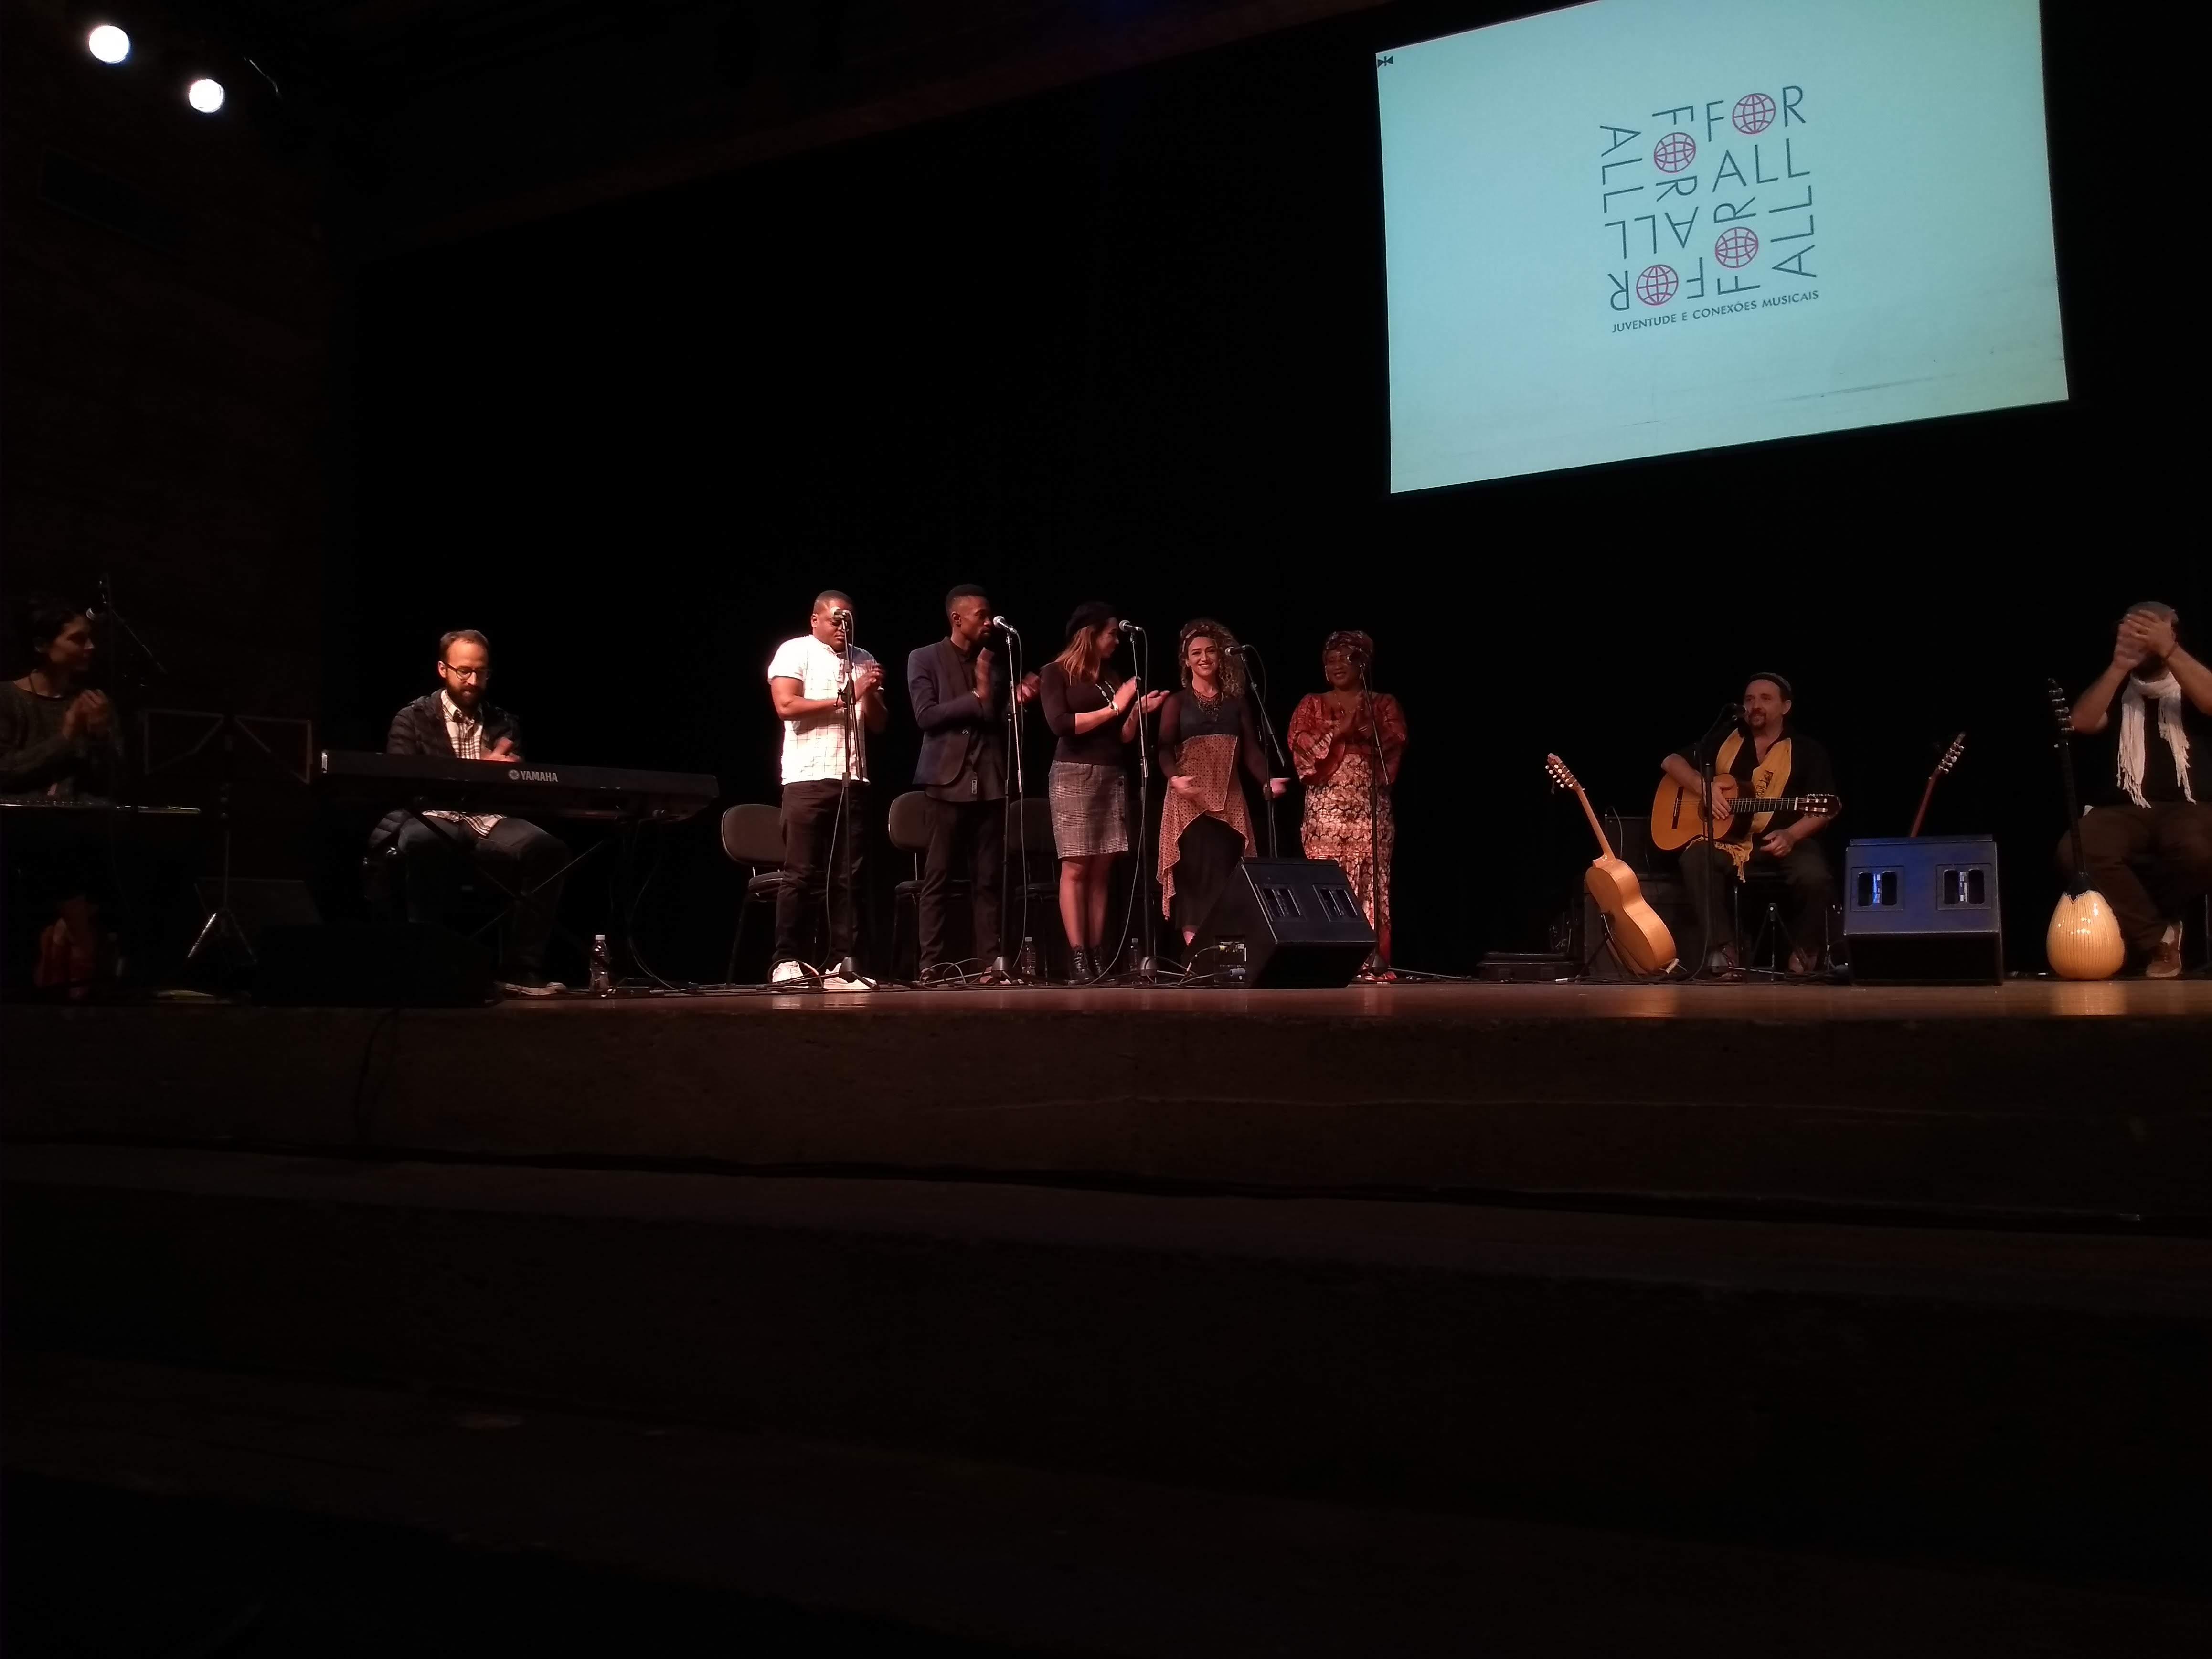 Demonstração de trabalho - Música contra a segregação: Orquestra Mundana Refugi